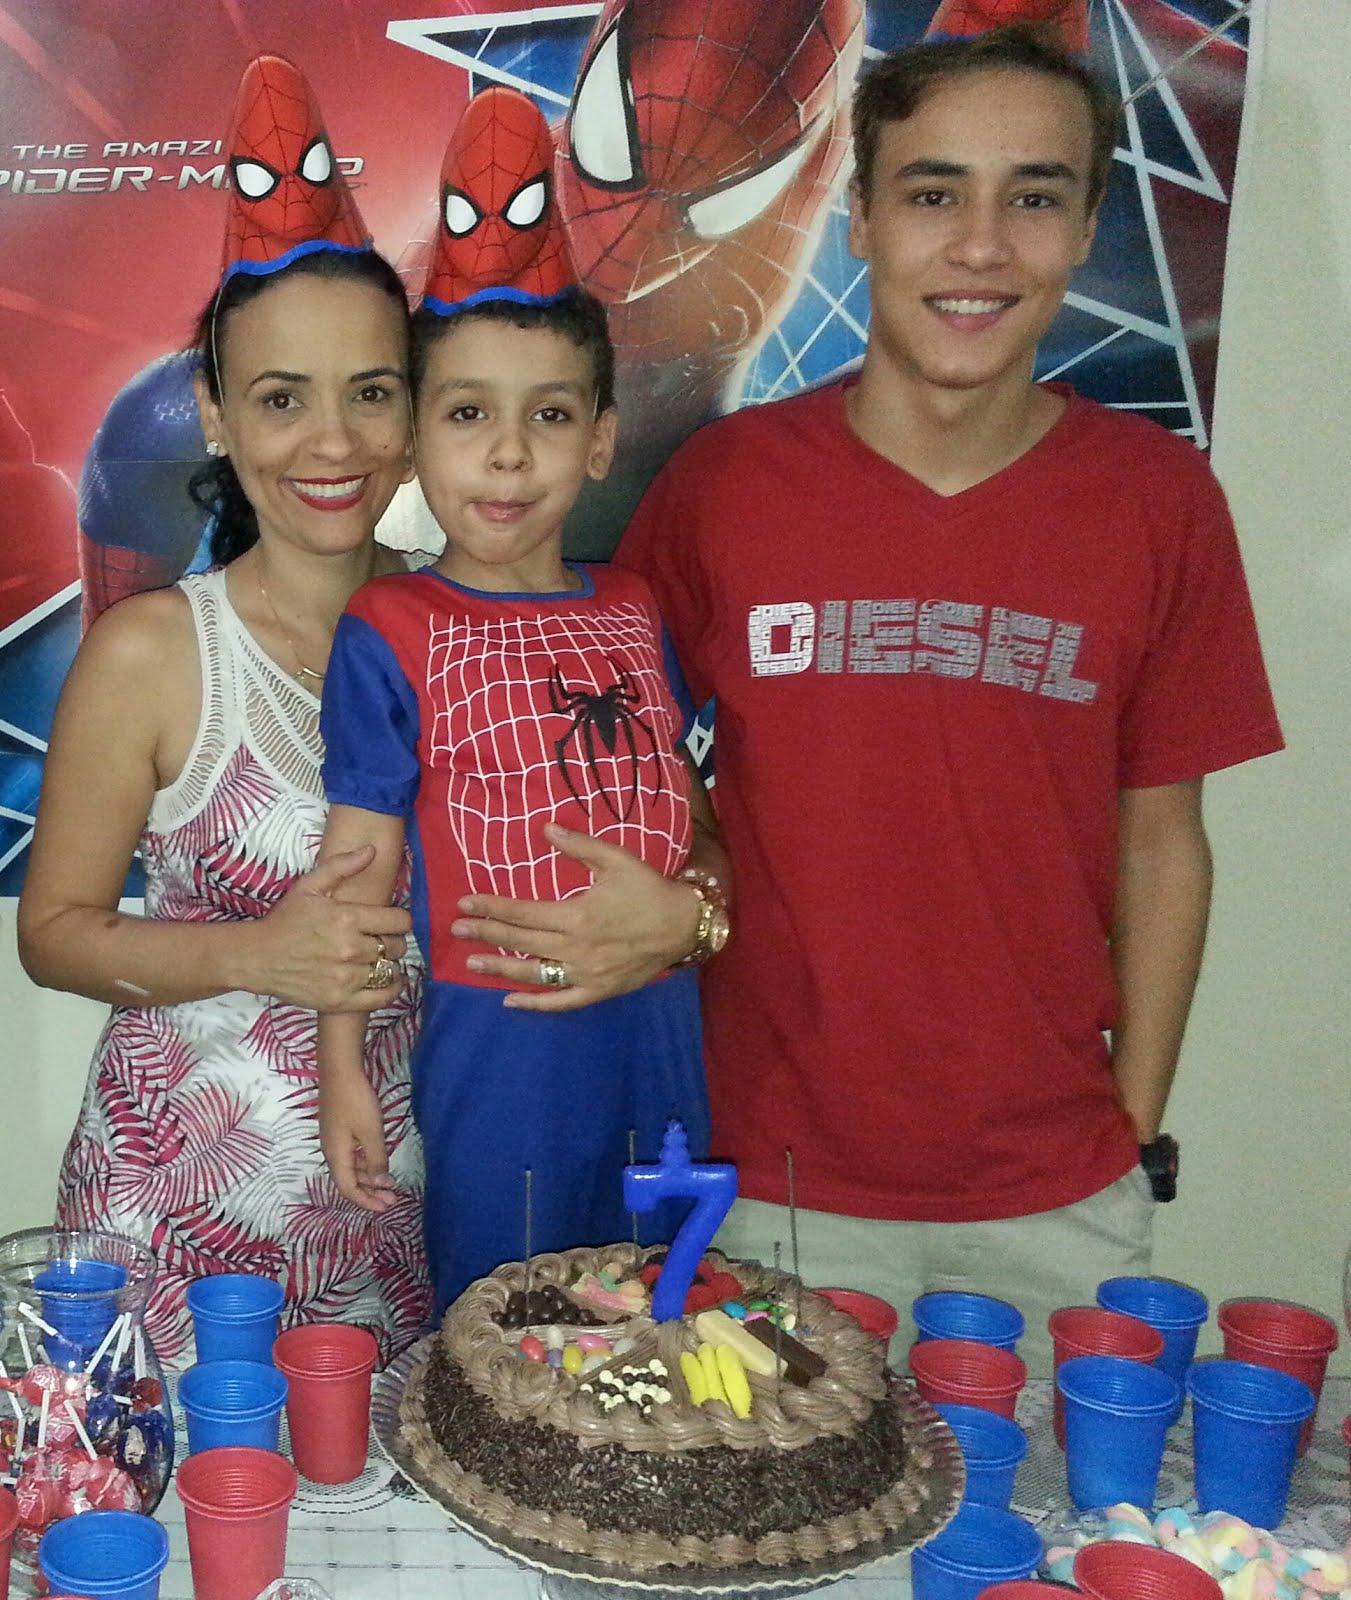 Meus filhos, meu coração batendo fora de mim!!! Edu de 7 anos e João de 16 anos.